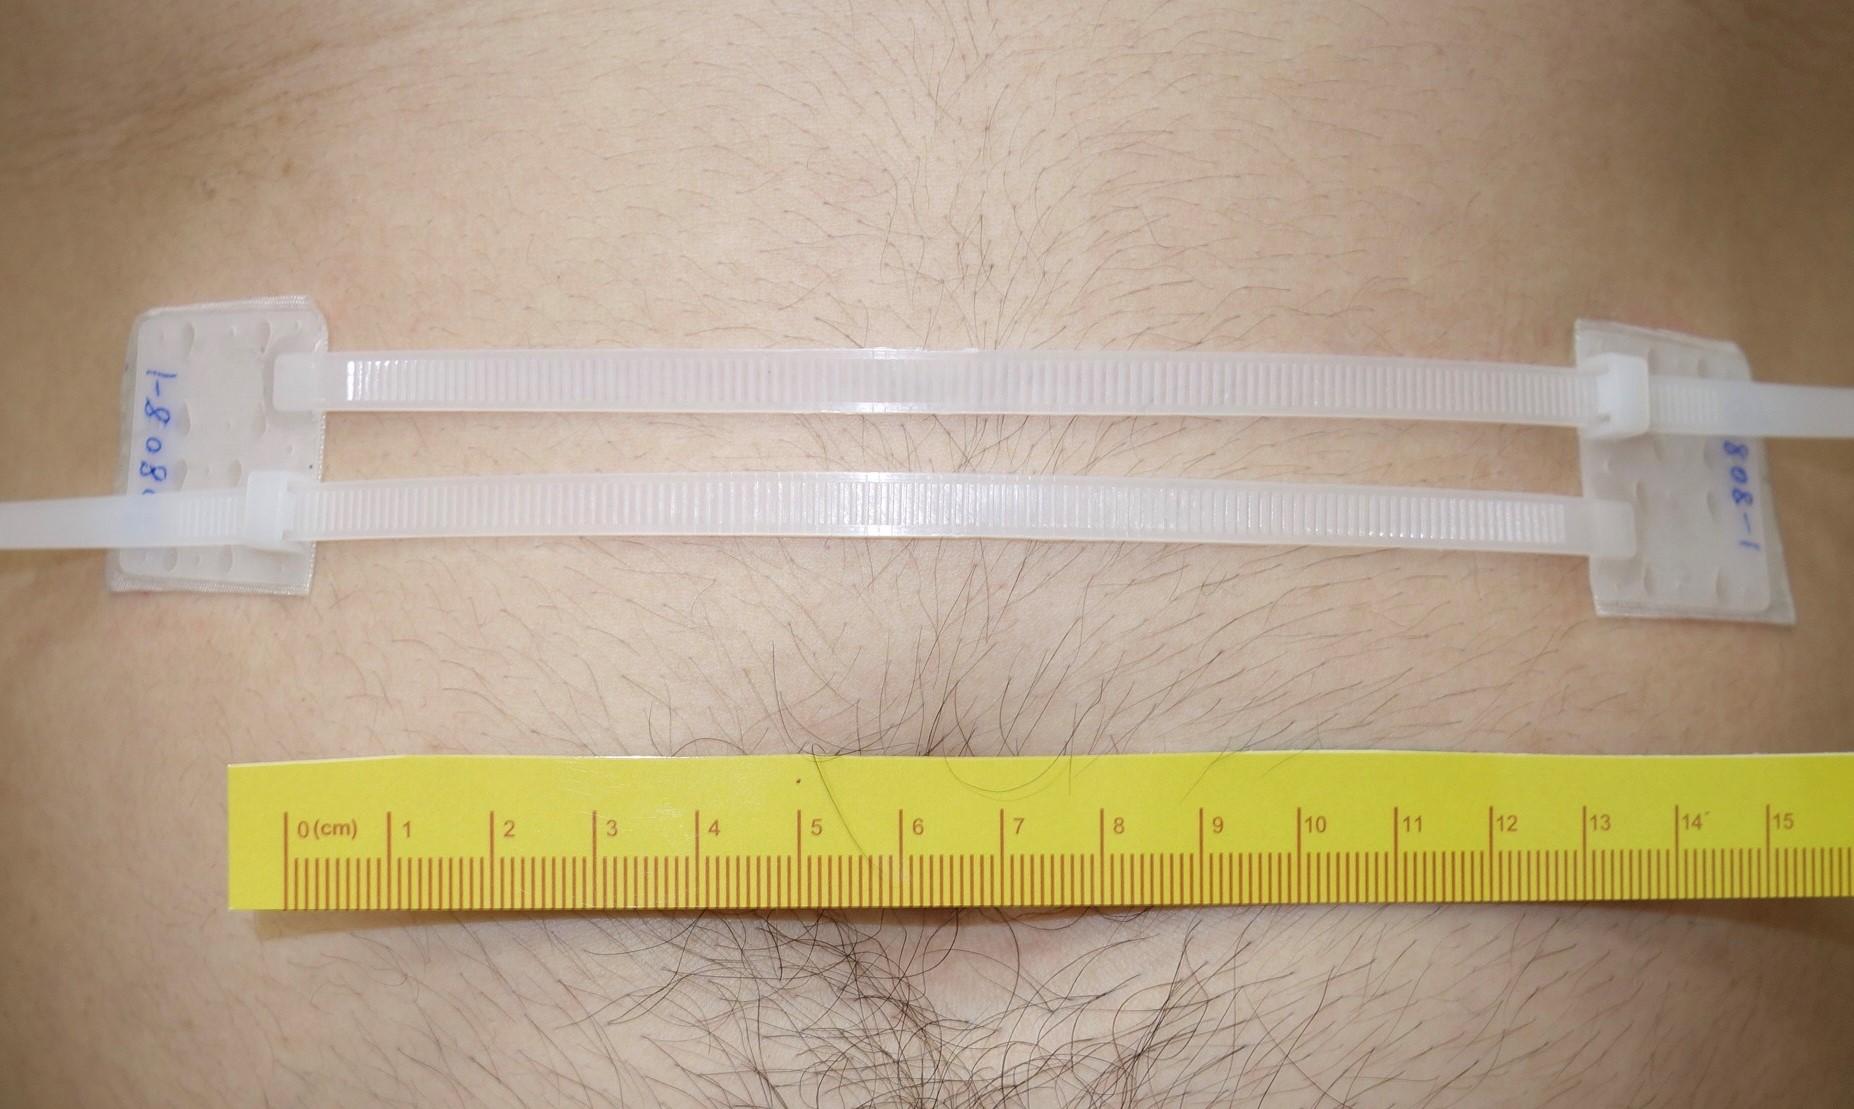 模擬手術後利用EZip™協助皮膚傷口(11公分寬)之閉合(不含防水敷料)